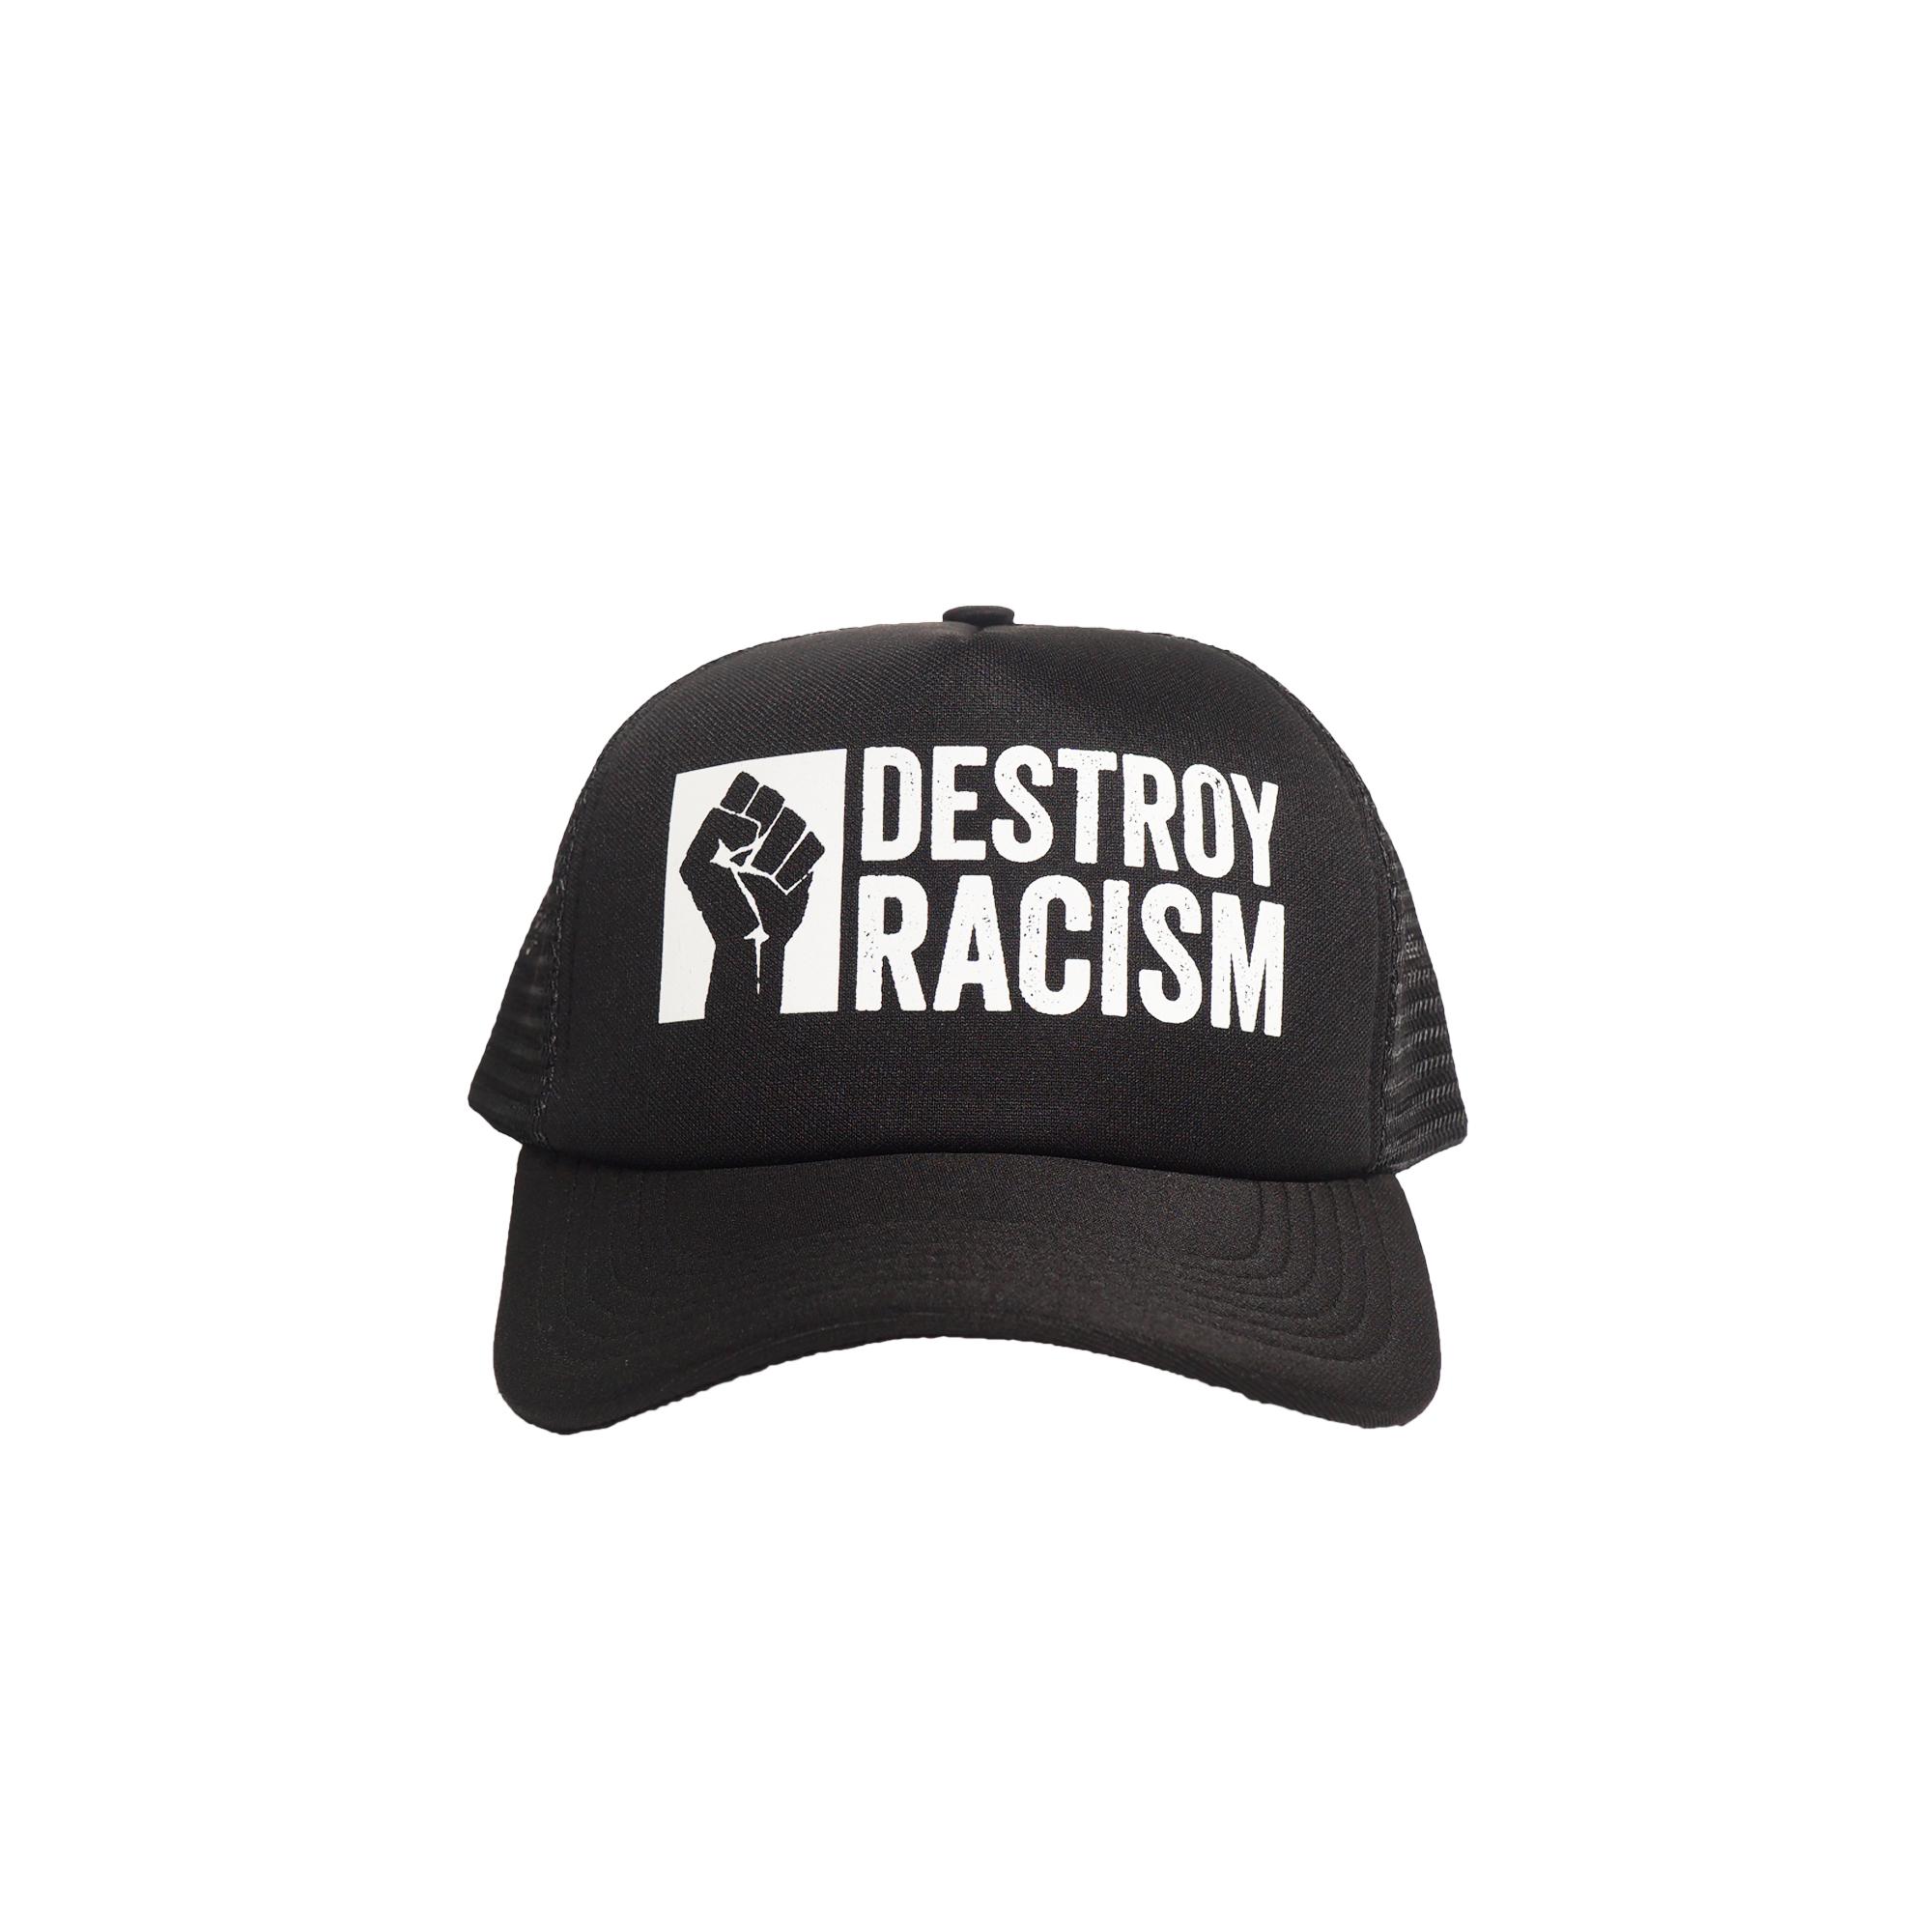 lawless Trucker-Destroy-racism